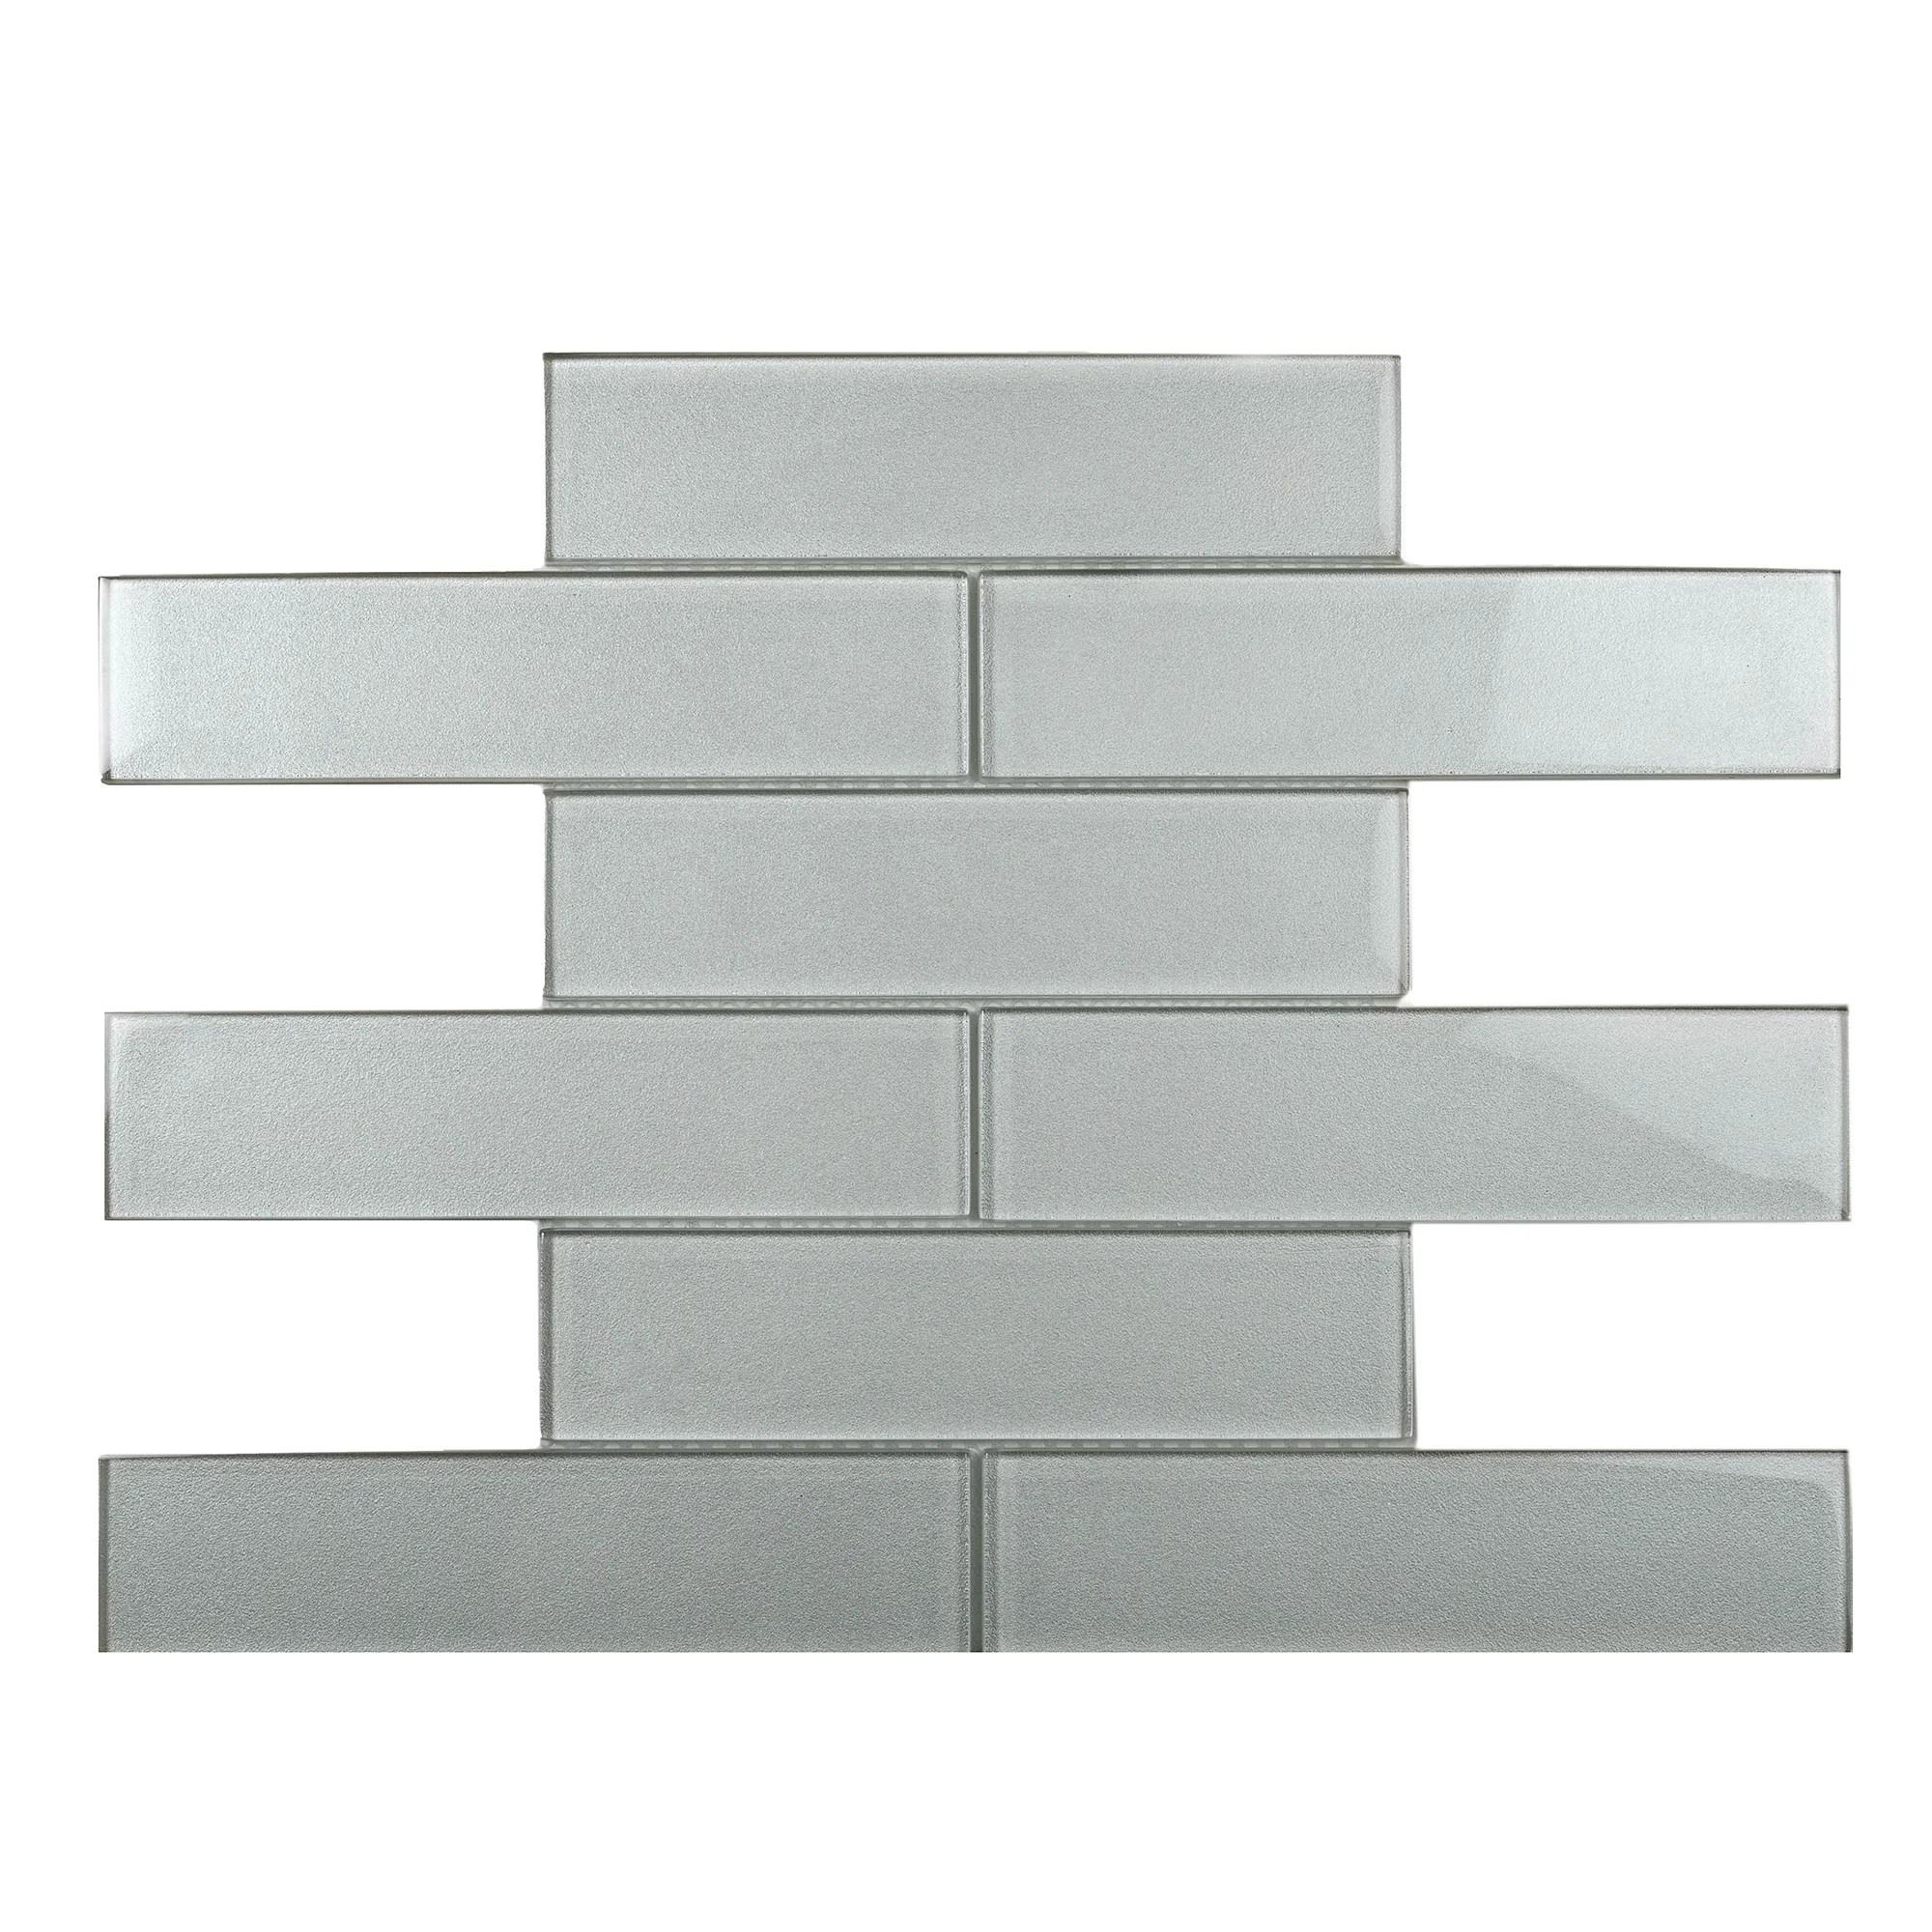 apollo tile backsplash tiles sheet 11 8 x 11 8 glass tile for kitchen bathroom flooring white sparkle subway mosaic white 5 pack wayfair